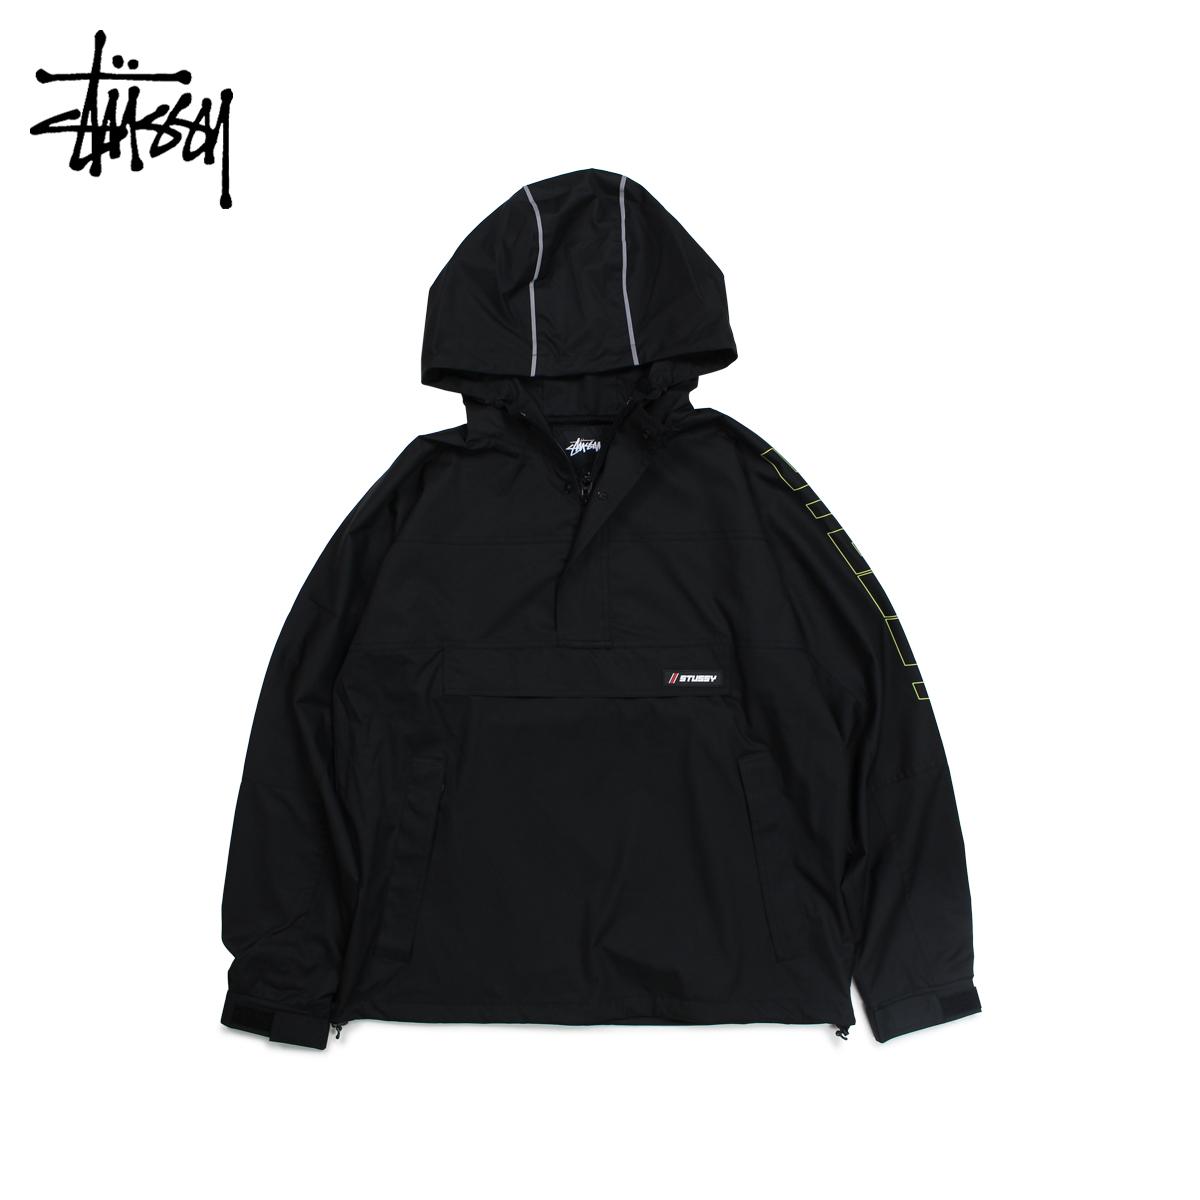 【最大2000円OFFクーポン】 ステューシー STUSSY ジャケット プルオーバージャケット メンズ ALPINE PULLOVER ブラック 黒 115419